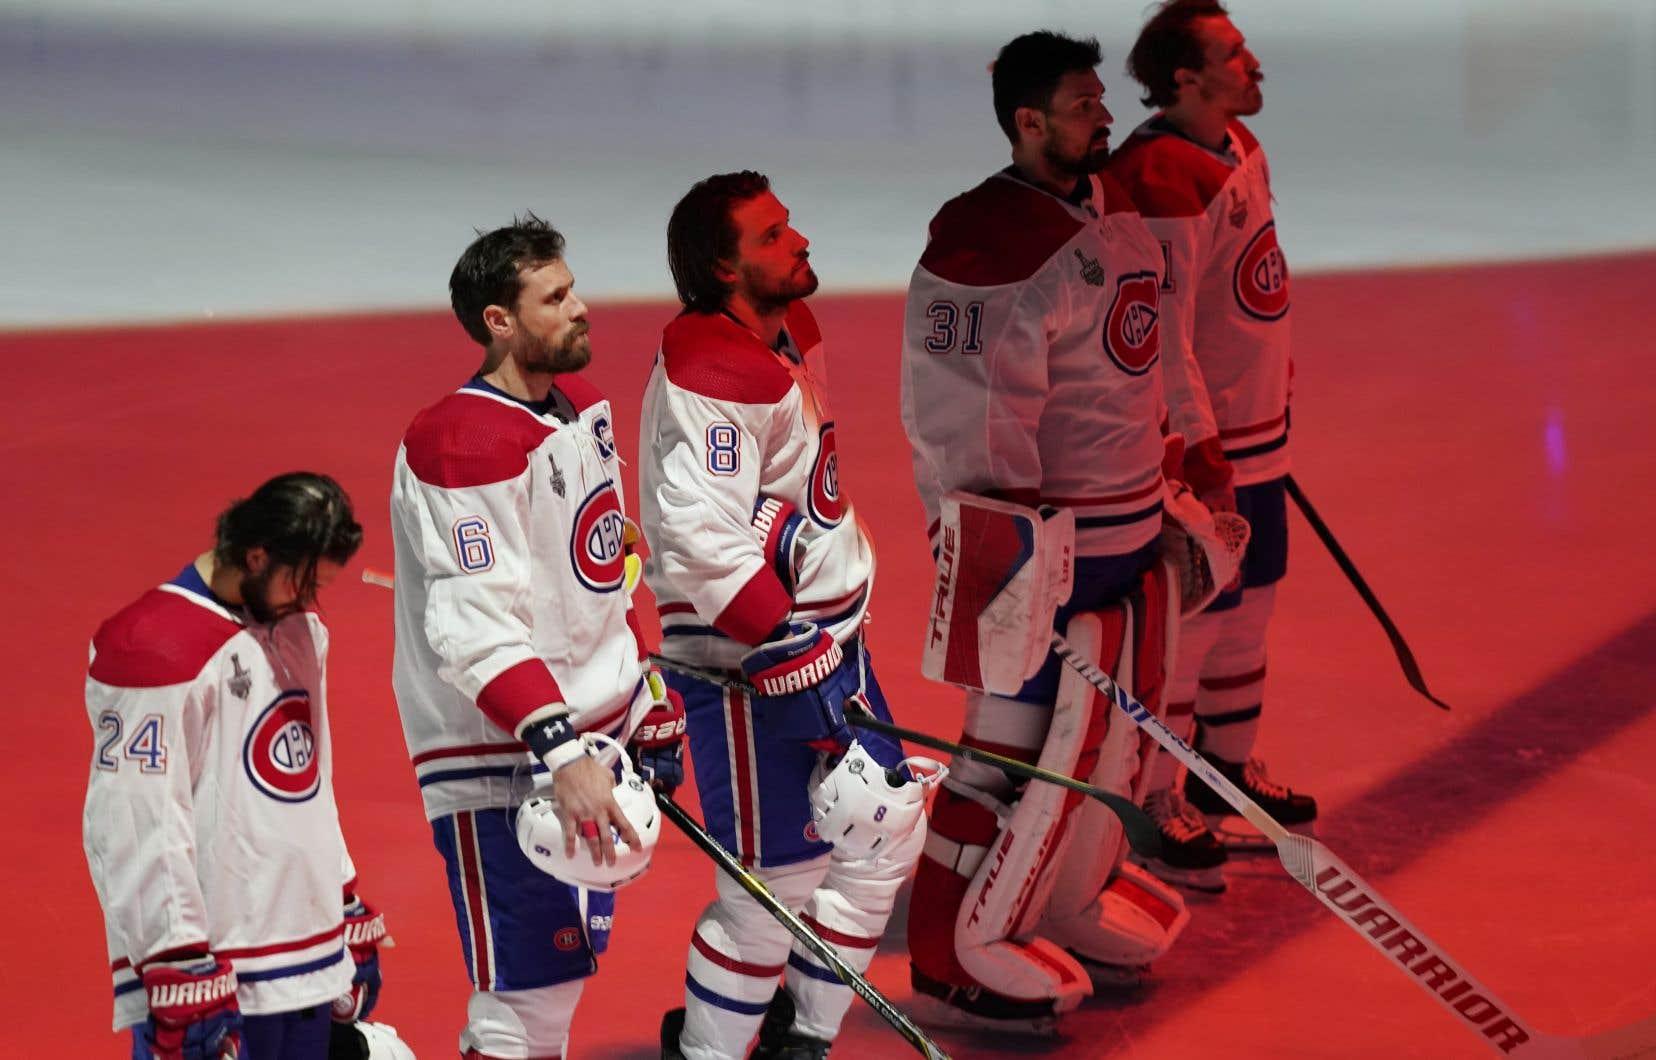 Durant les séries, l'hymne national du Canada a été chanté en français et s'est terminé en anglais. Mais selon l'auteur, un hymne national qui se termine en anglais au Québec, c'est le summum de l'aliénation.